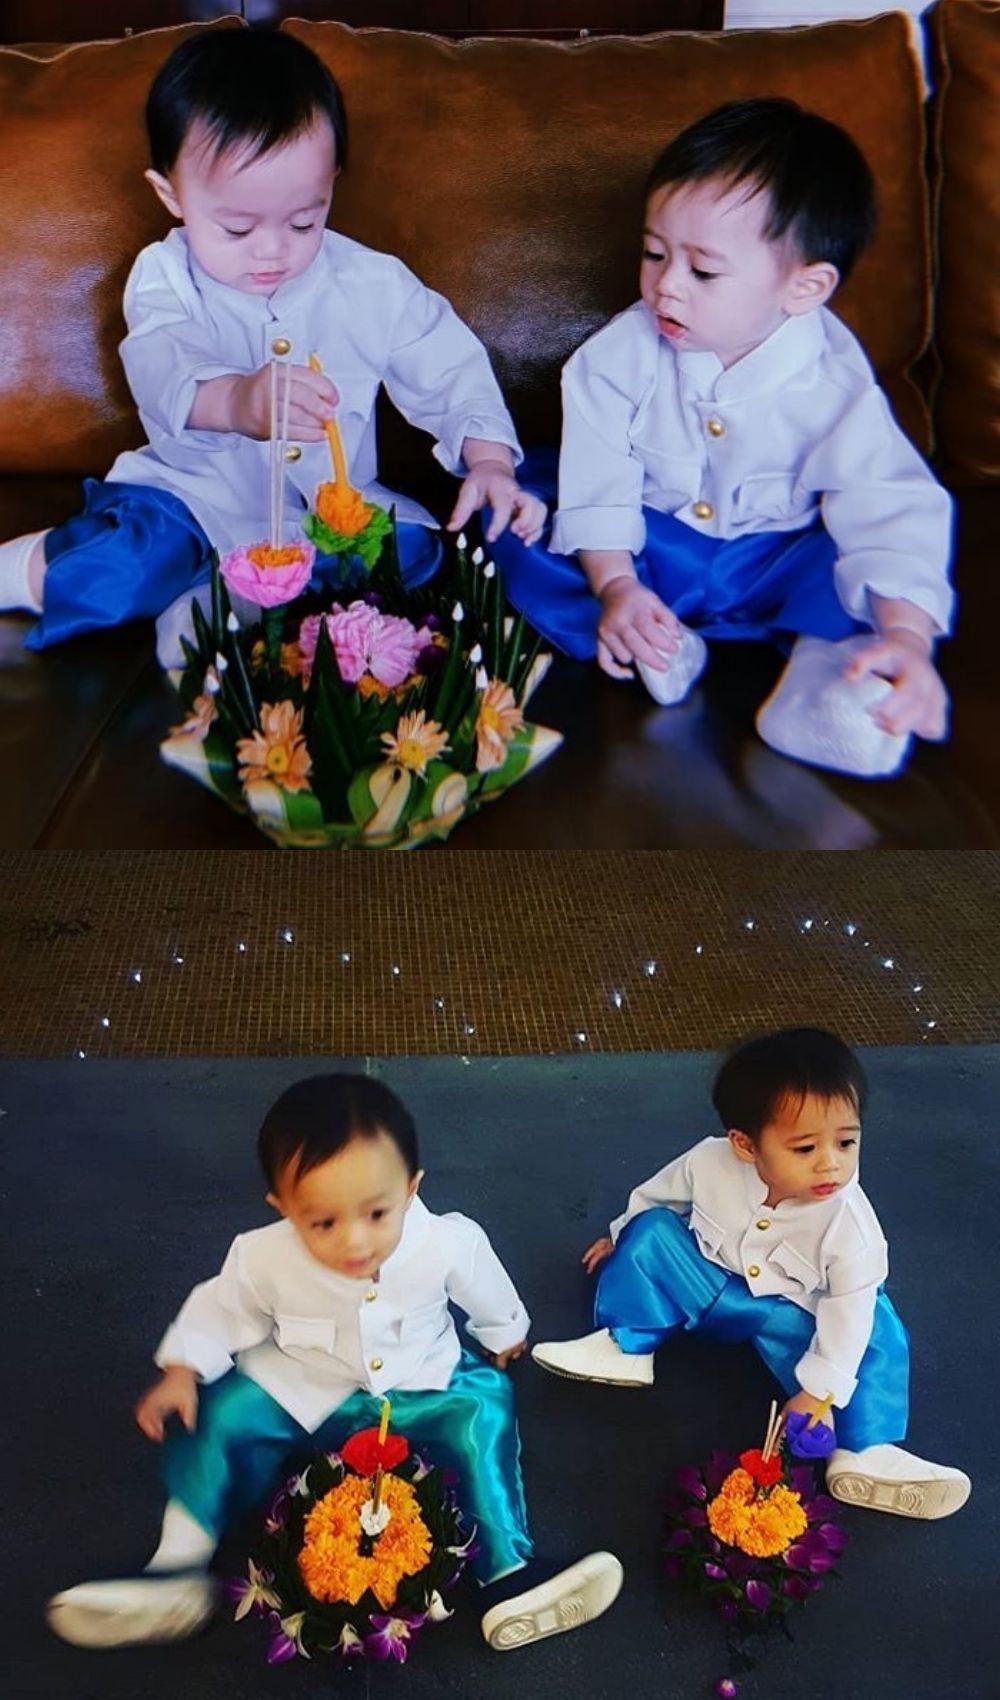 สายฟ้า-พายุ ลูกชายฝาแฝด ชมพู่-น็อต